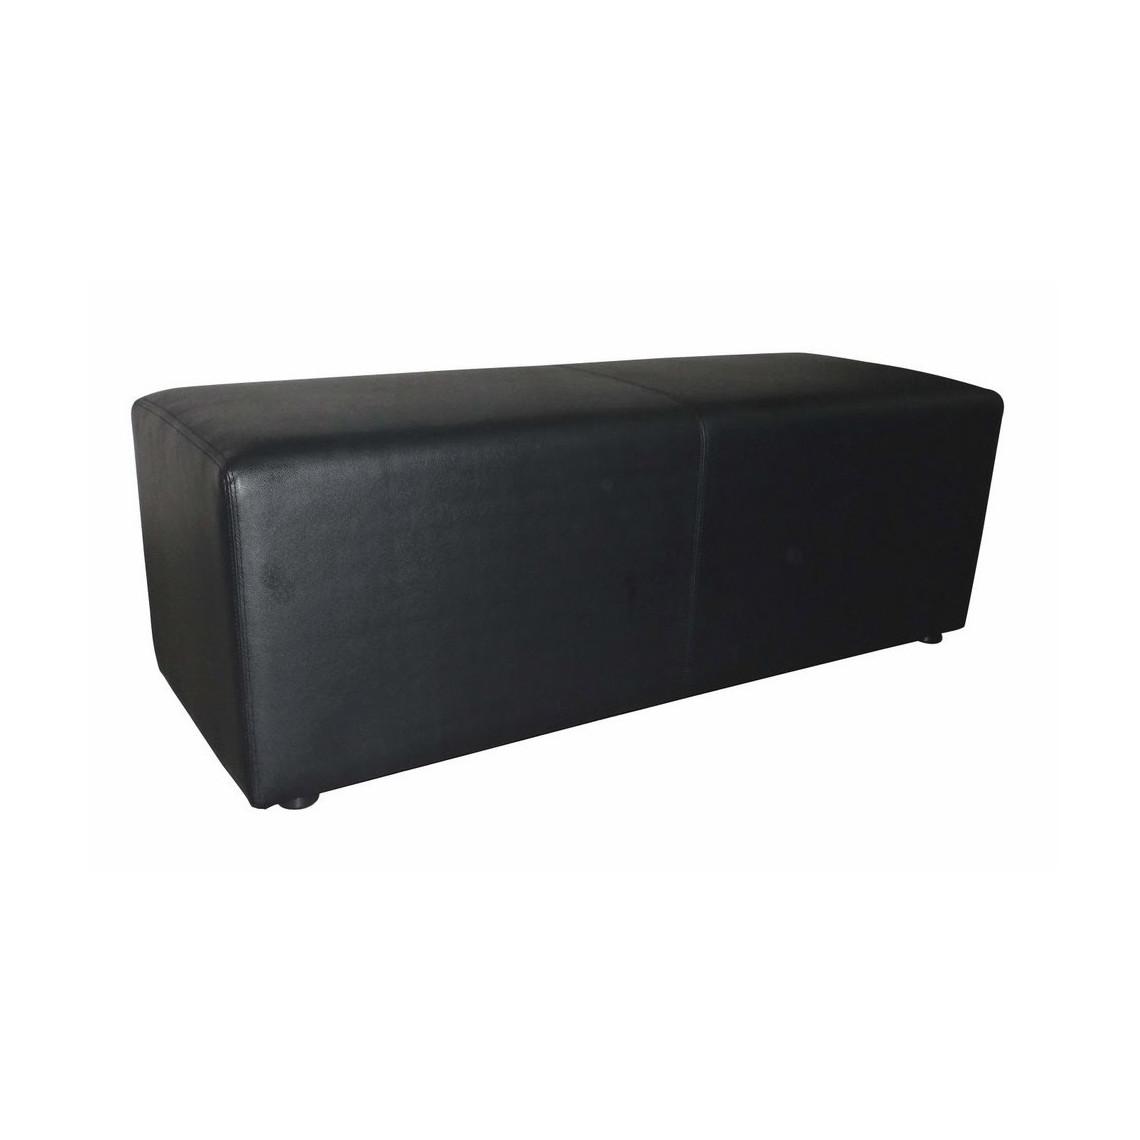 Banquette Cosy simili cuir noire (120 x 40 cm)